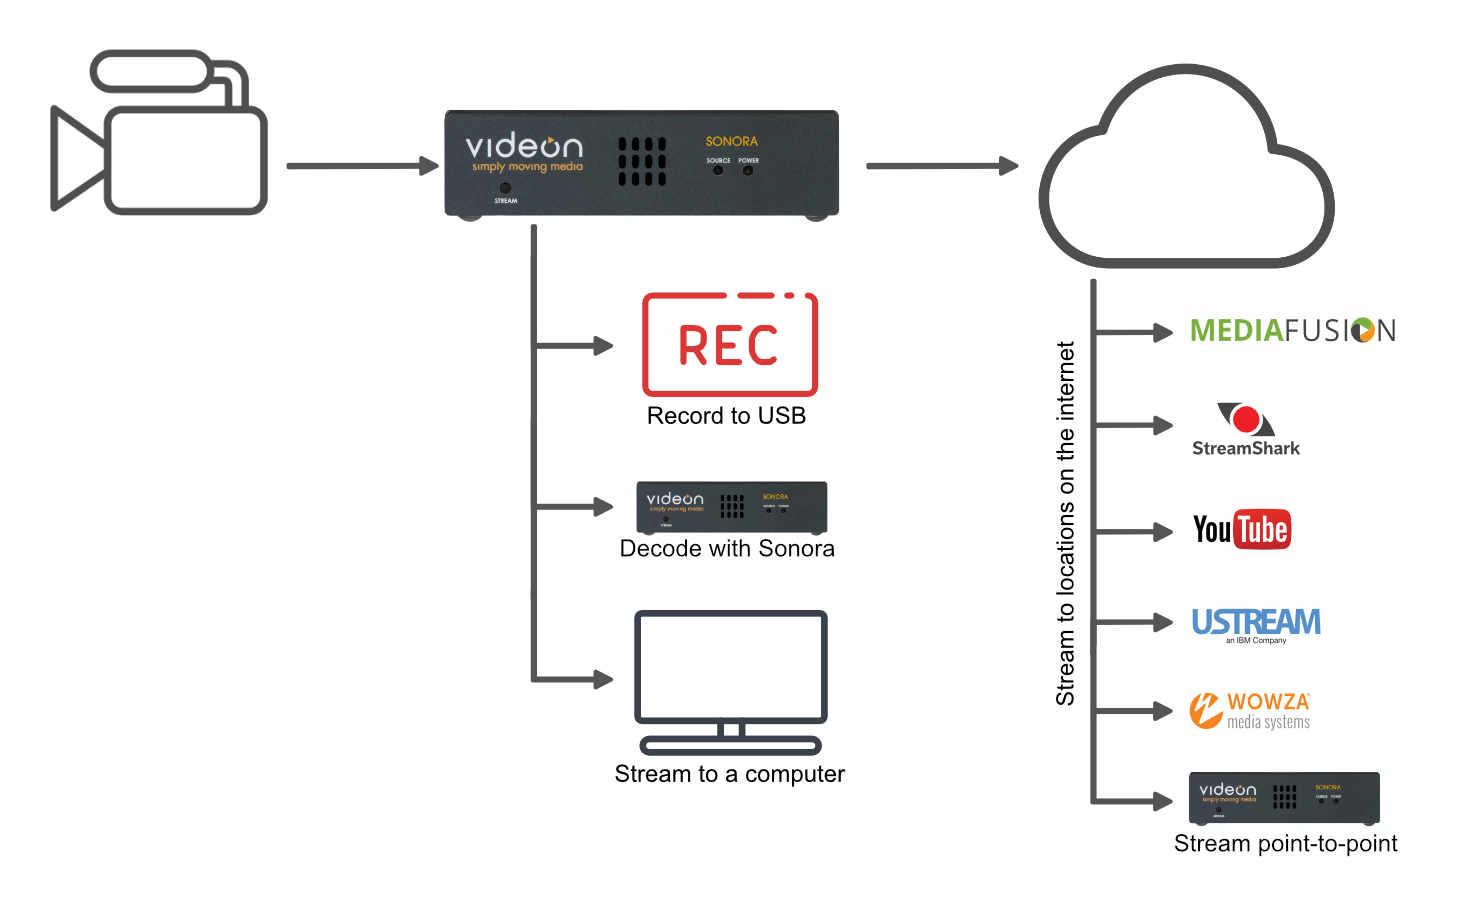 videon sonora video encoder and decoder [ 1463 x 903 Pixel ]